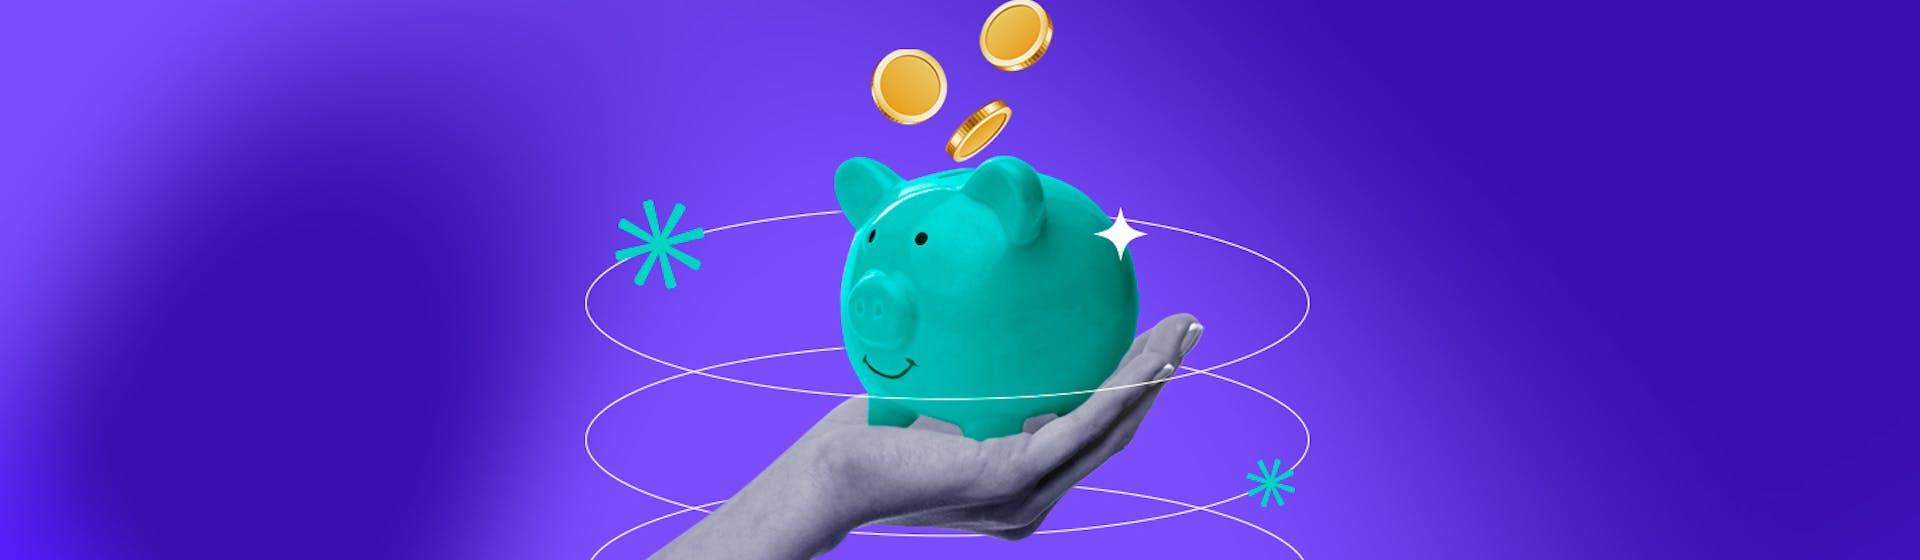 ¿Cómo hacer un plan de finanzas personales? 7 pasos para vivir sin deudas